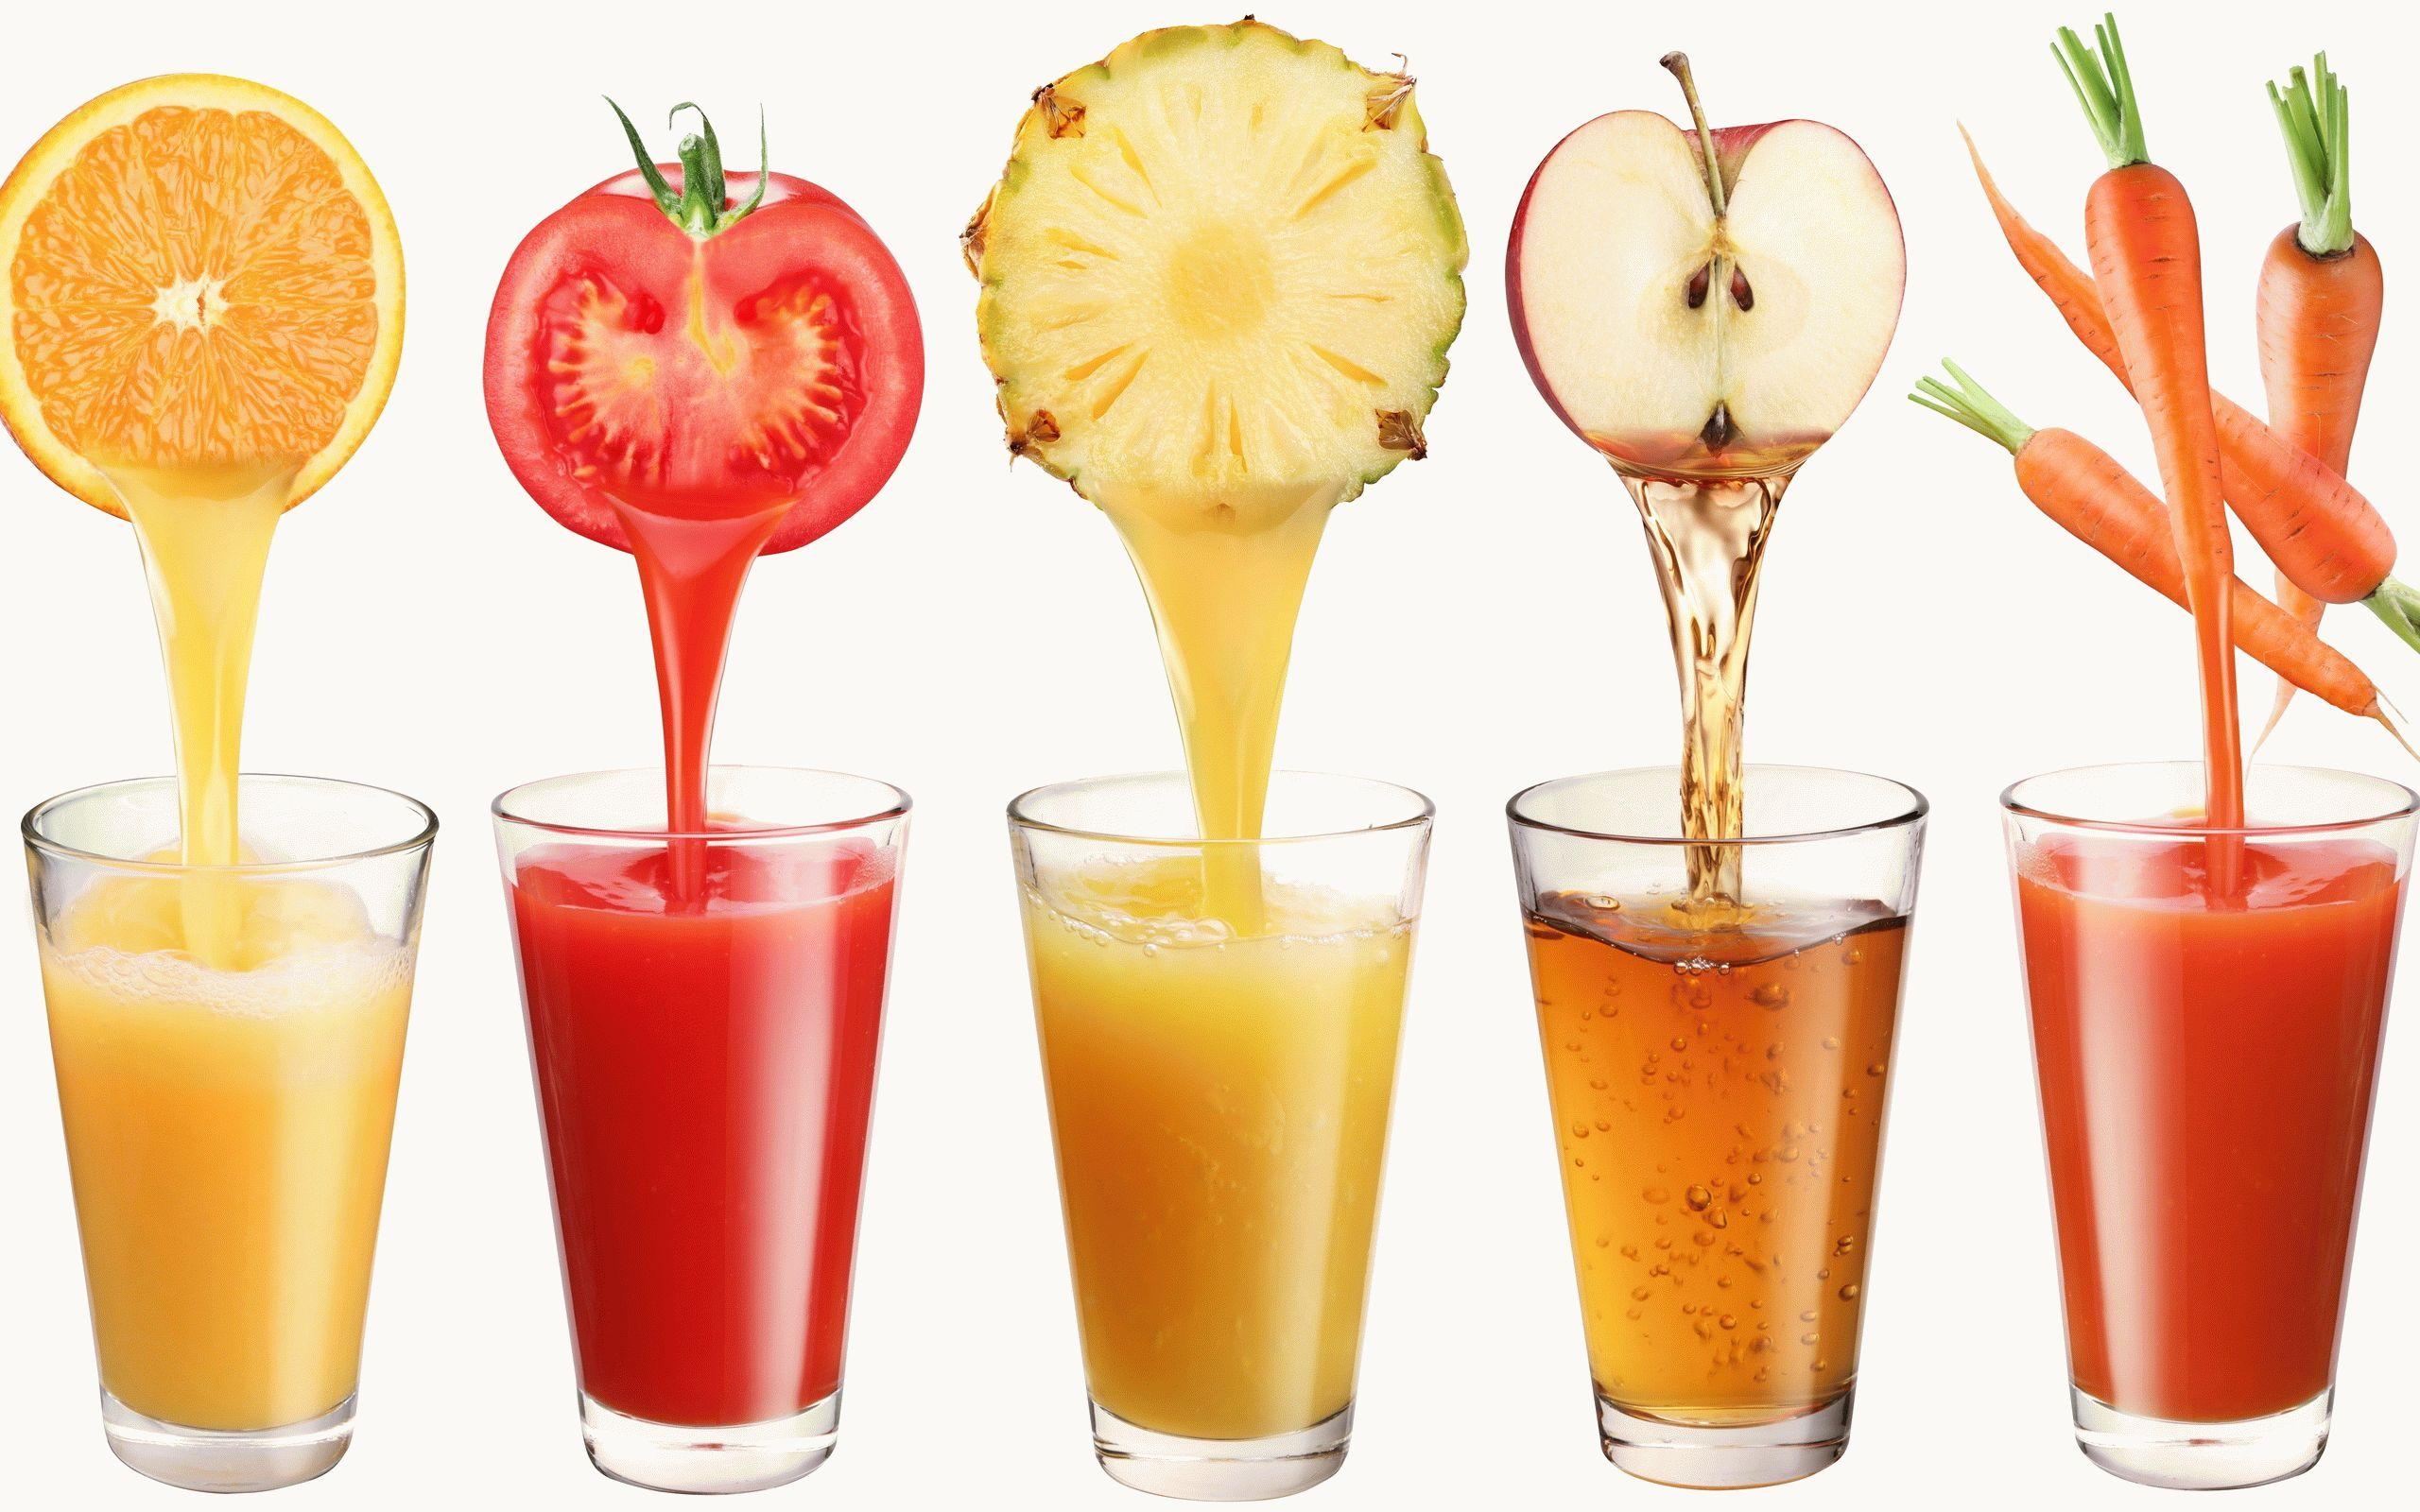 Как приготовить сок в домашних условиях? Агропромышленный 83